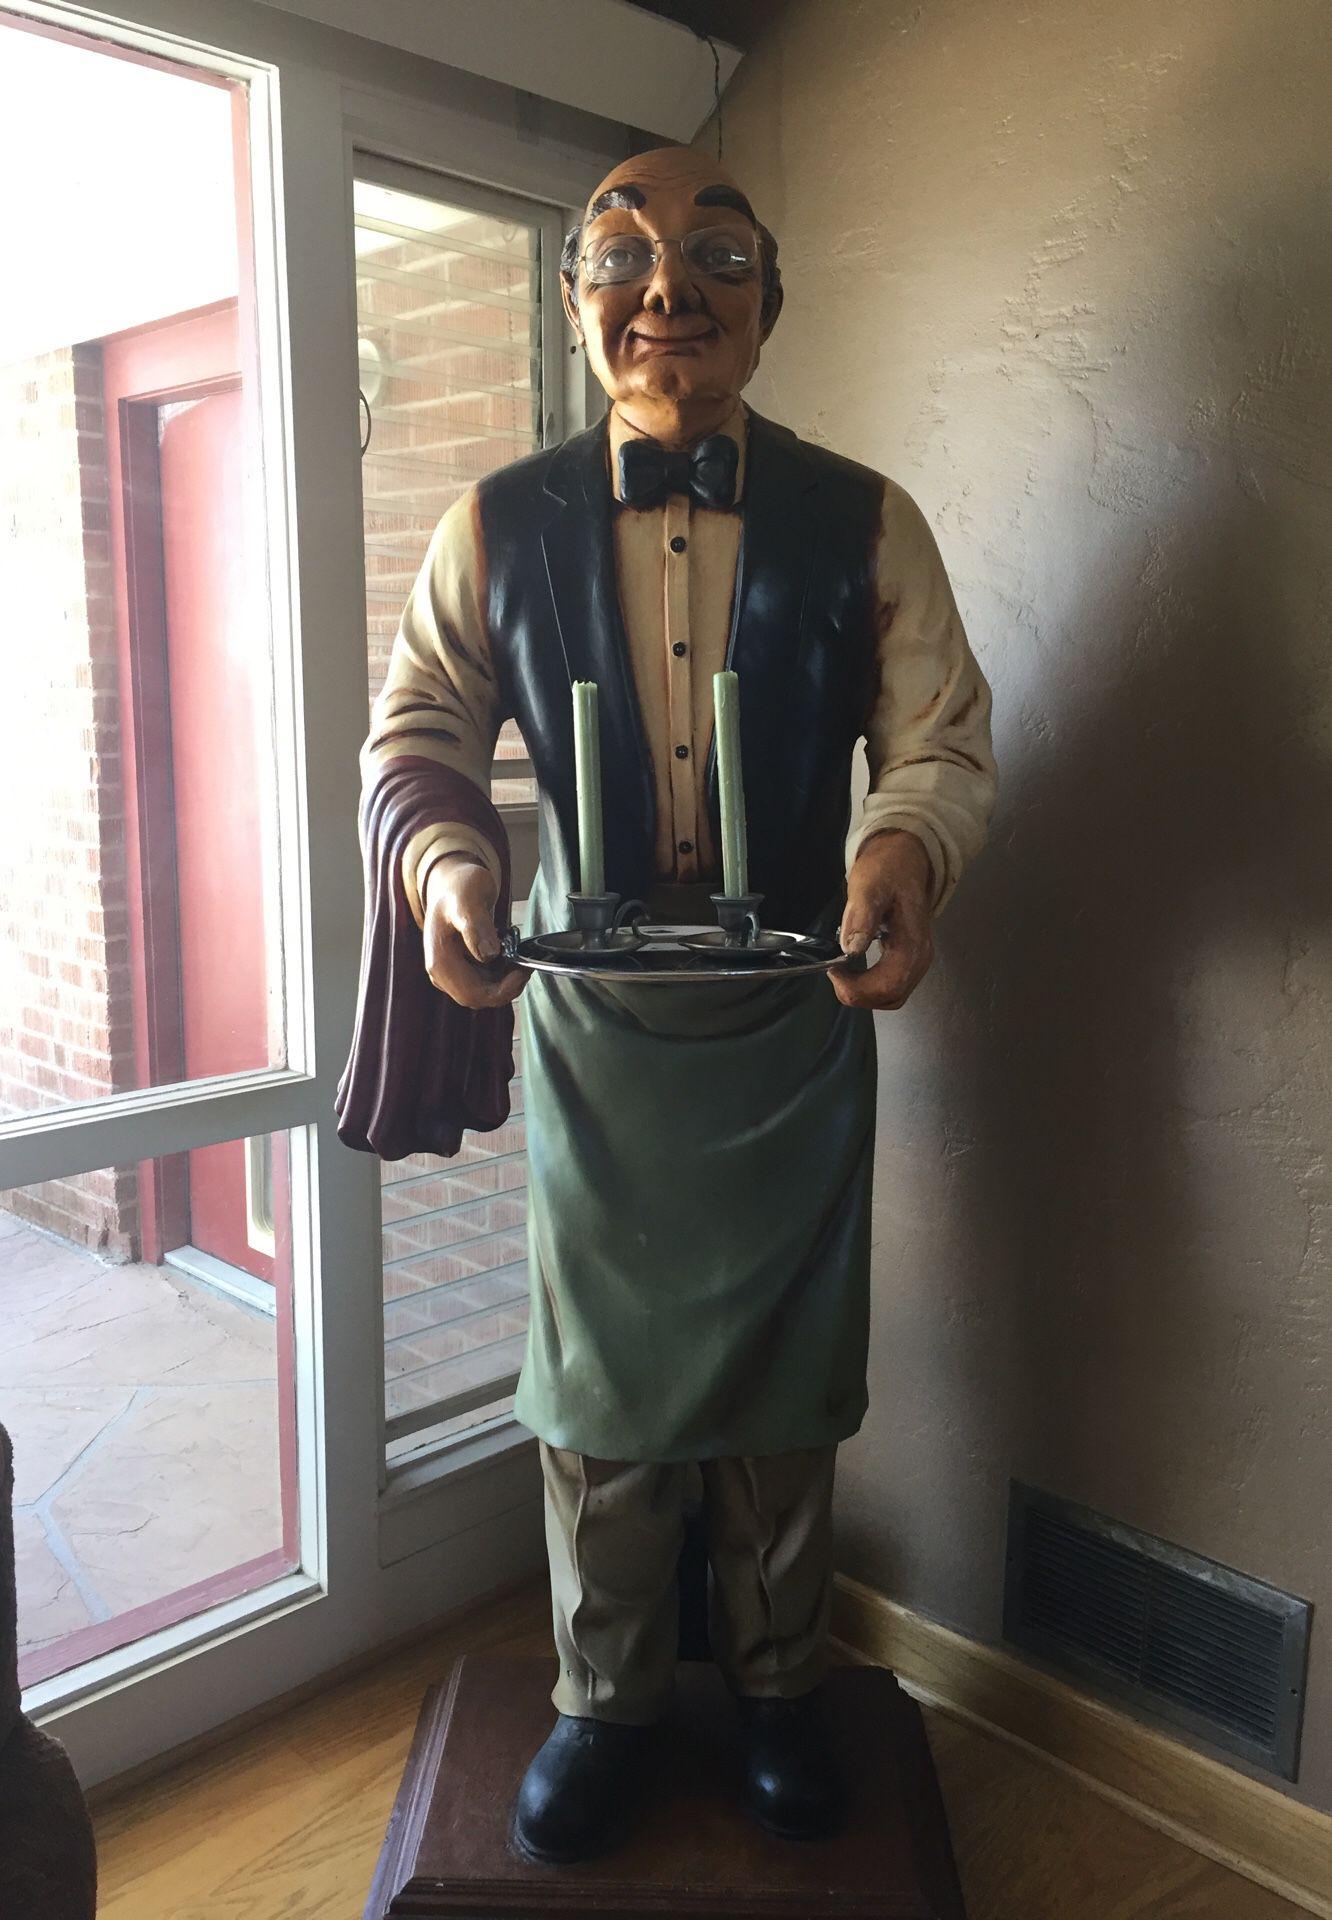 Antique Old Man Waiter Statue